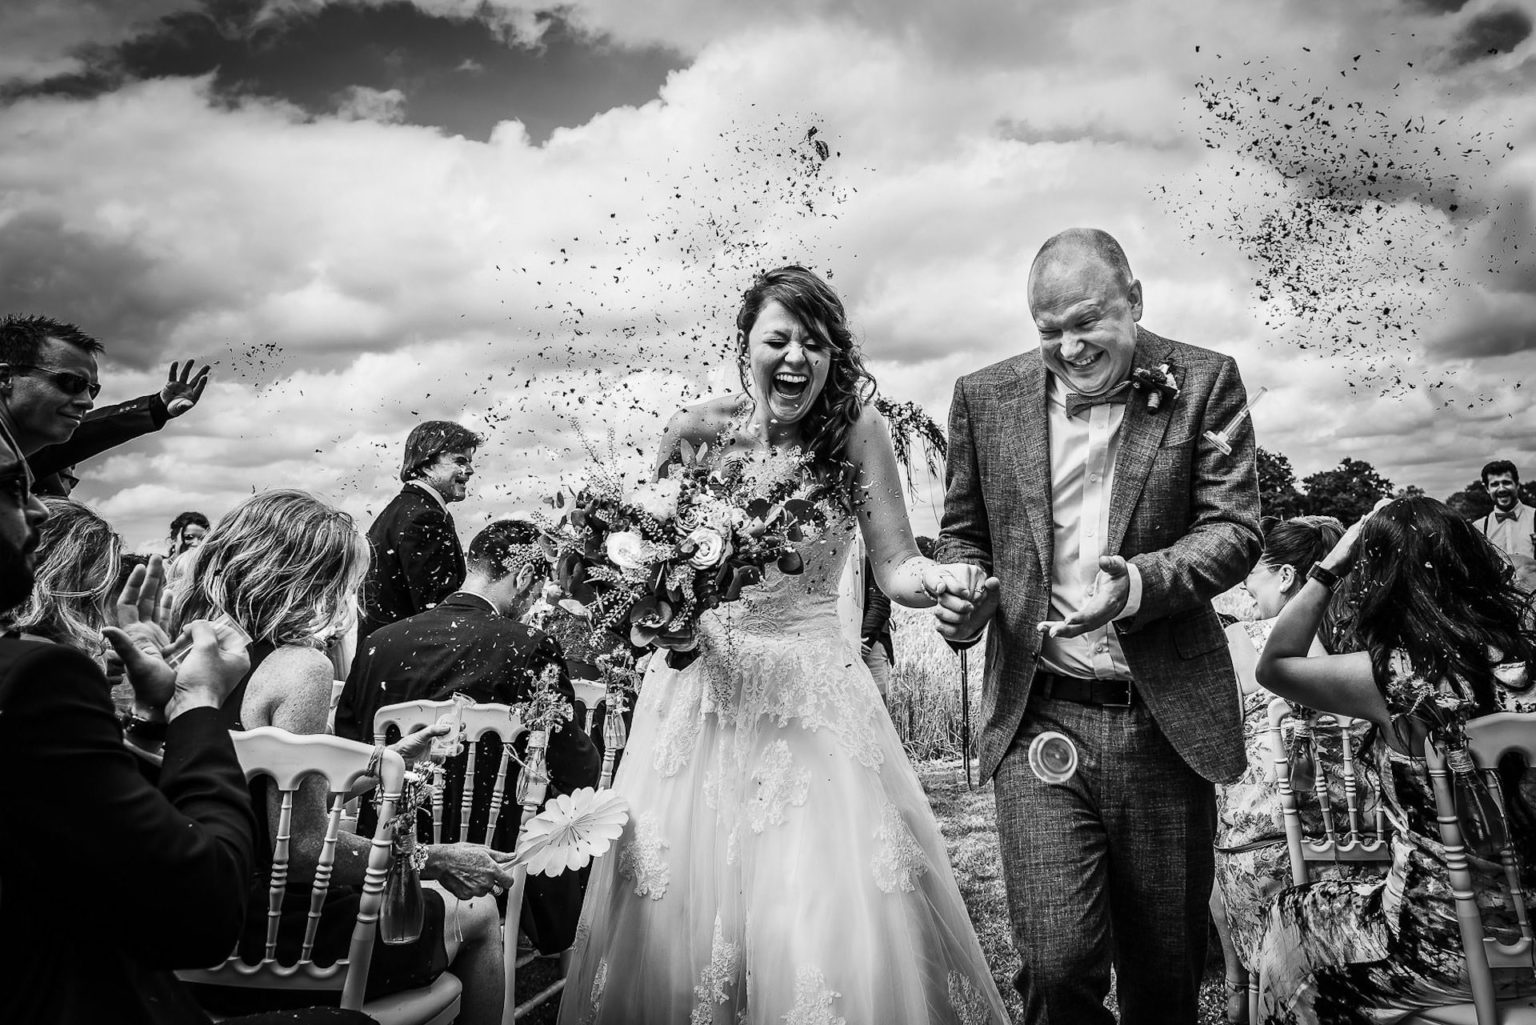 photographe mariage paris cérémonie